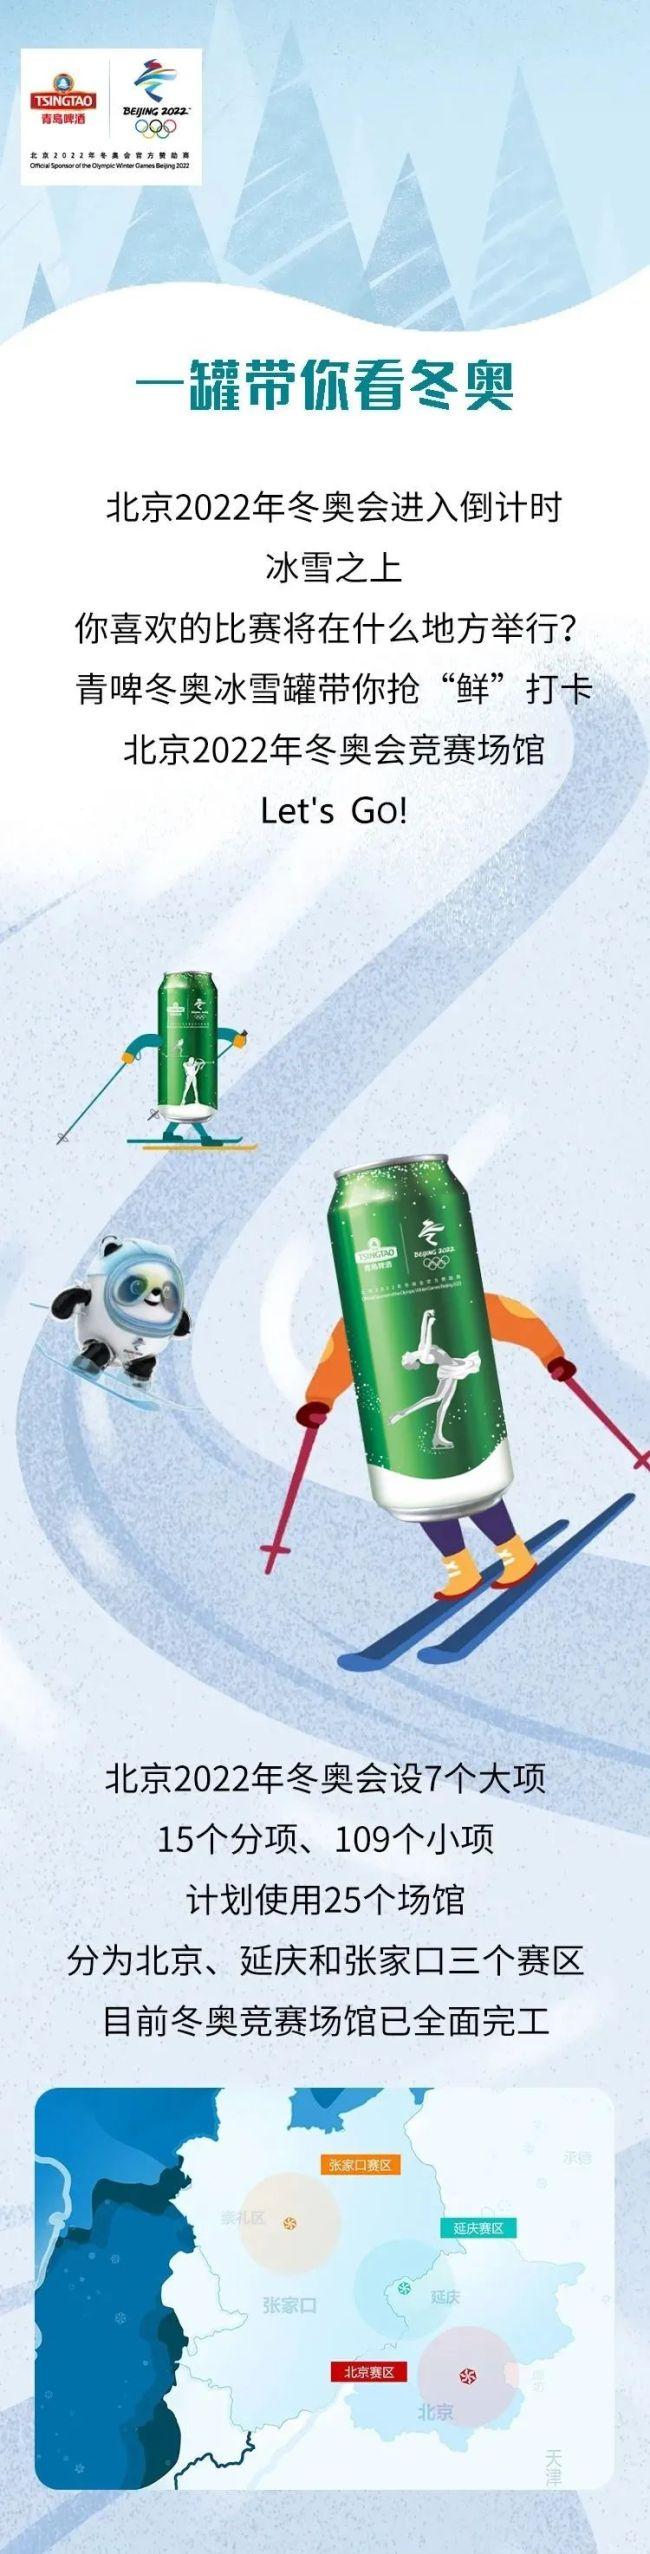 """青岛啤酒推出""""东奥冰雪罐"""",将15个官方竞技项目巧妙呈现于罐身"""